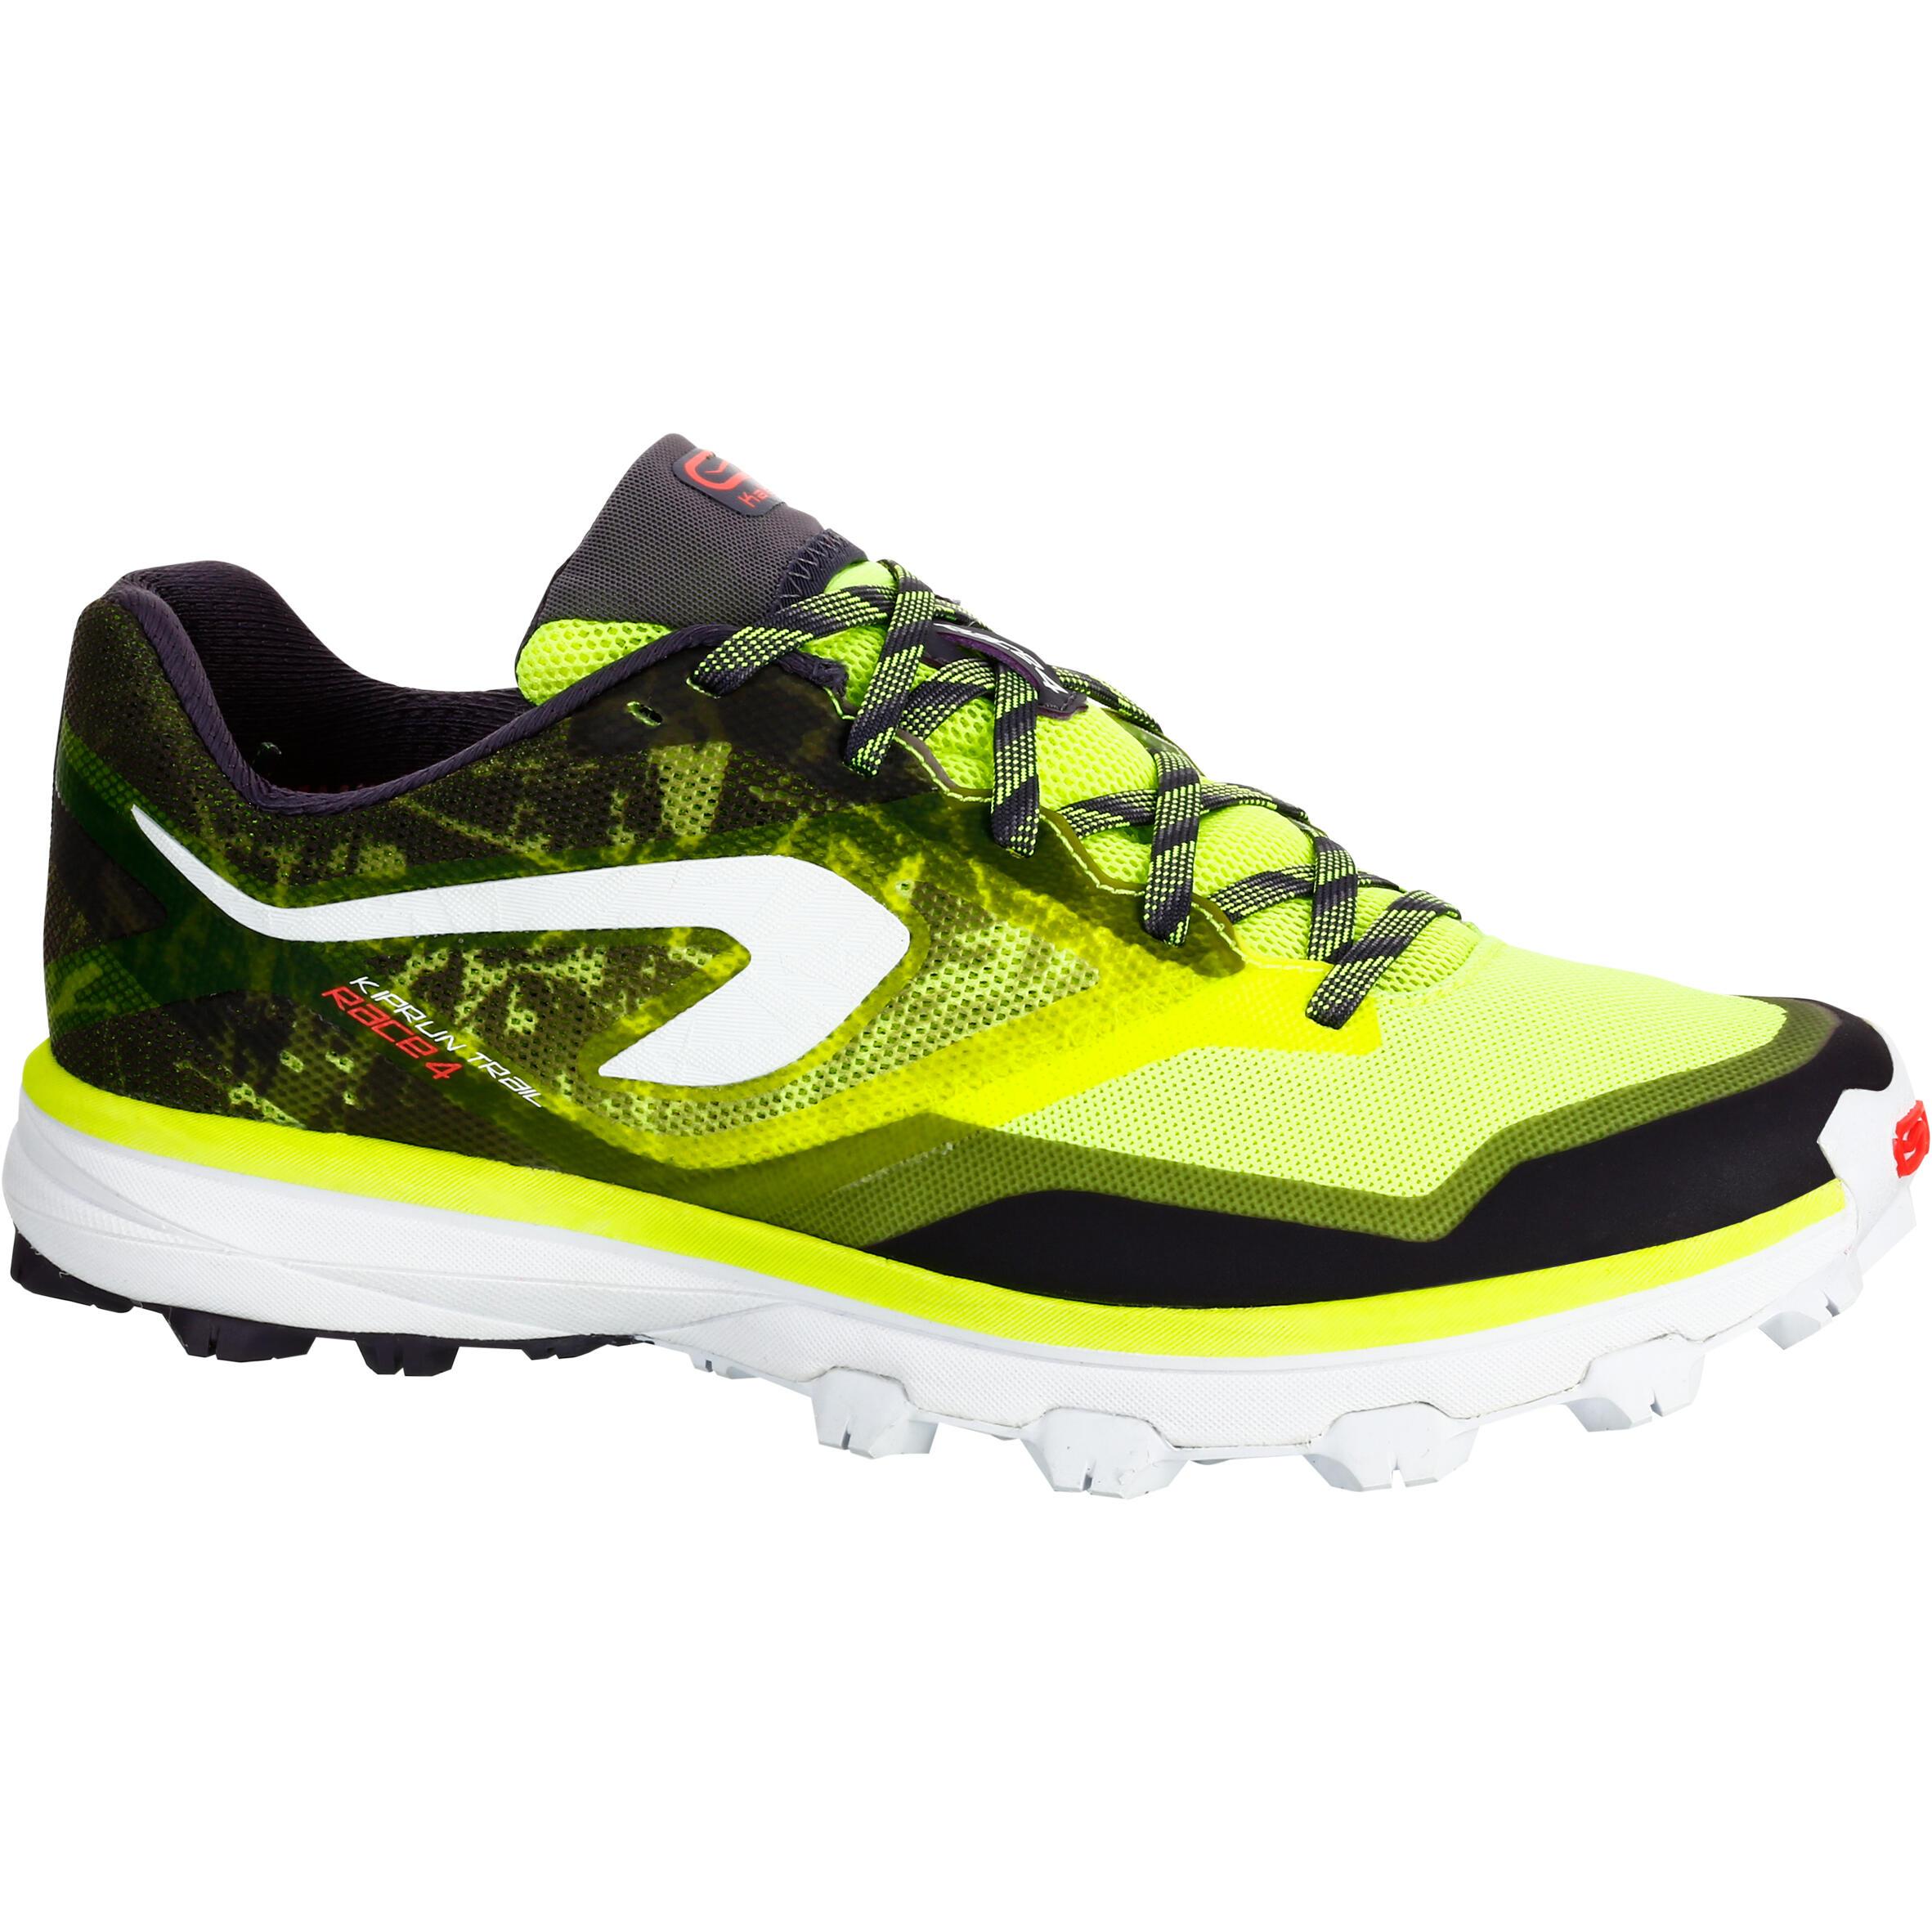 2500829 Kalenji Trailschoenen dames Kiprace Trail 4 geel zwart